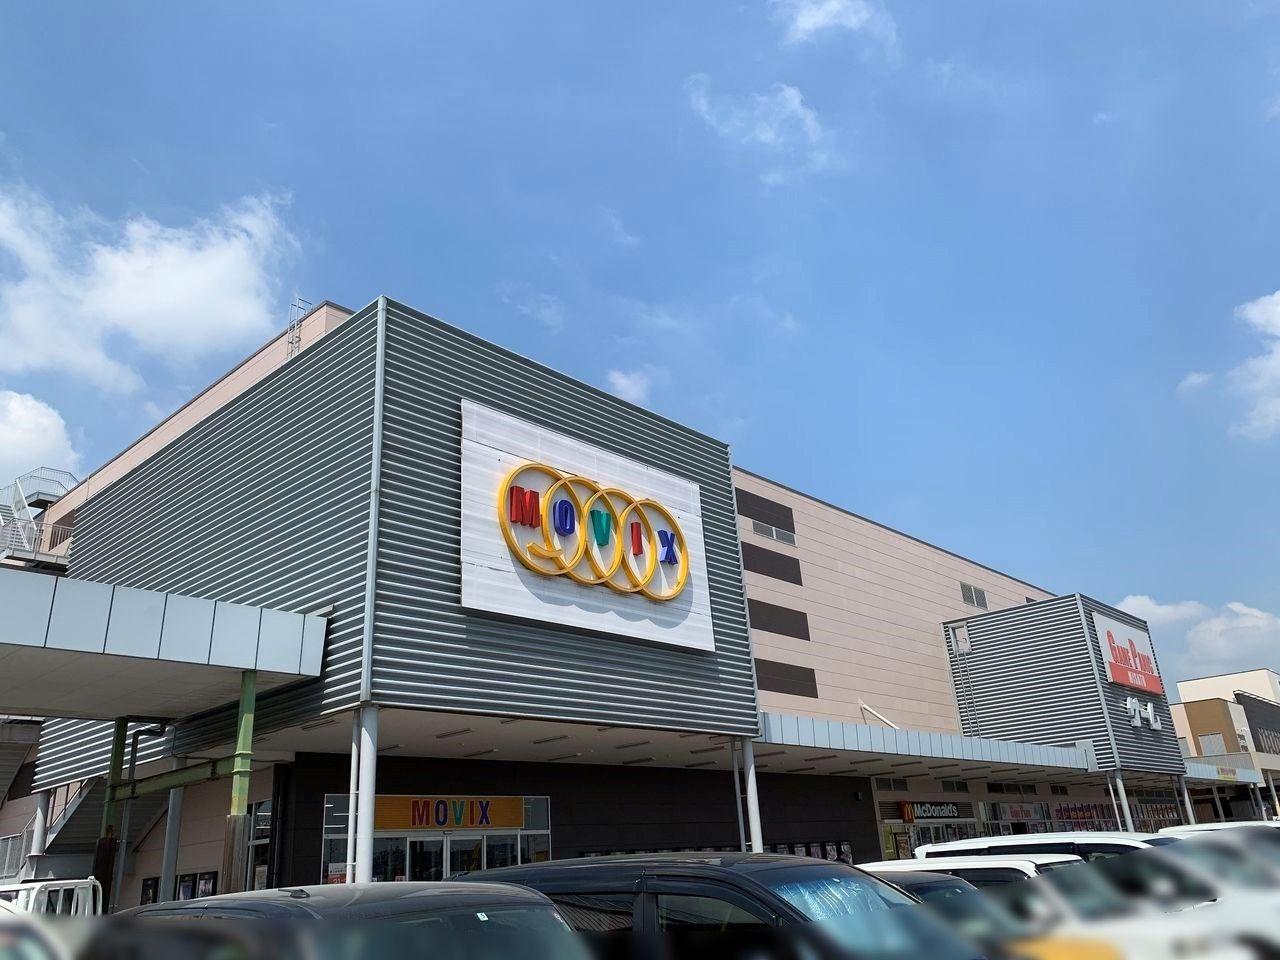 三郷市ピアラシティ1-1-200 放映時間:7:00頃~24:30頃まで 12スクリーンあり